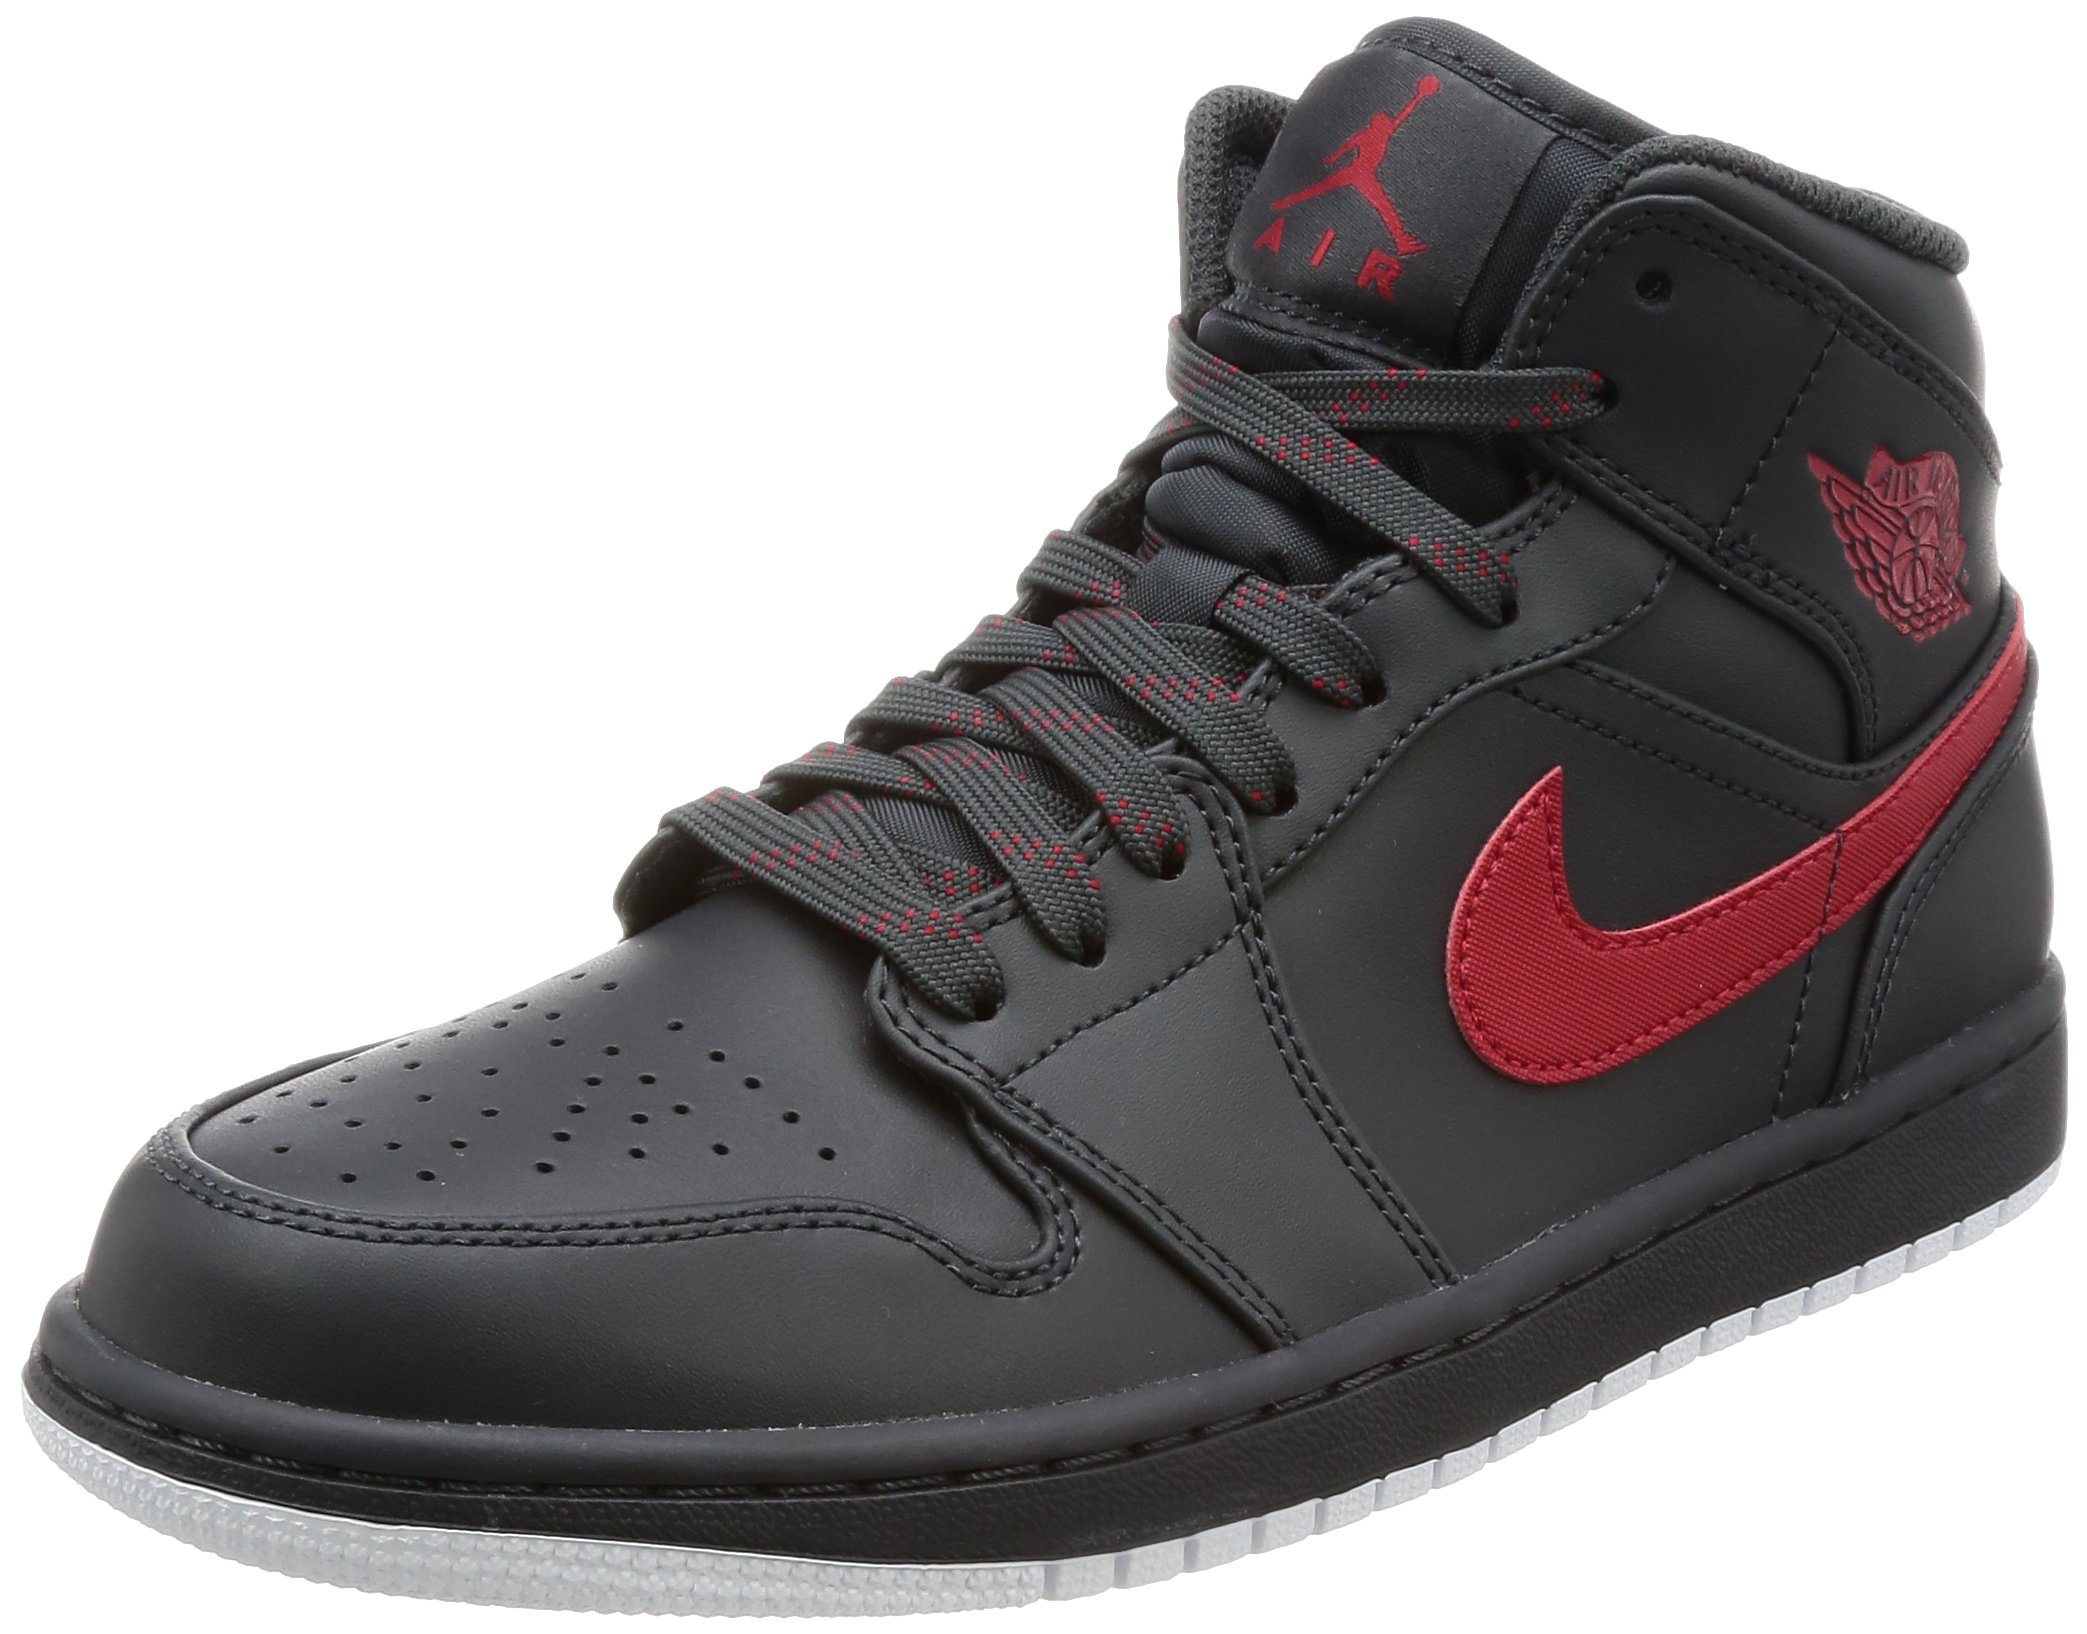 Jordan Nike Men's Air Mid Anthracite/Gym Red/White Basketball Shoe 12 Men US by Jordan